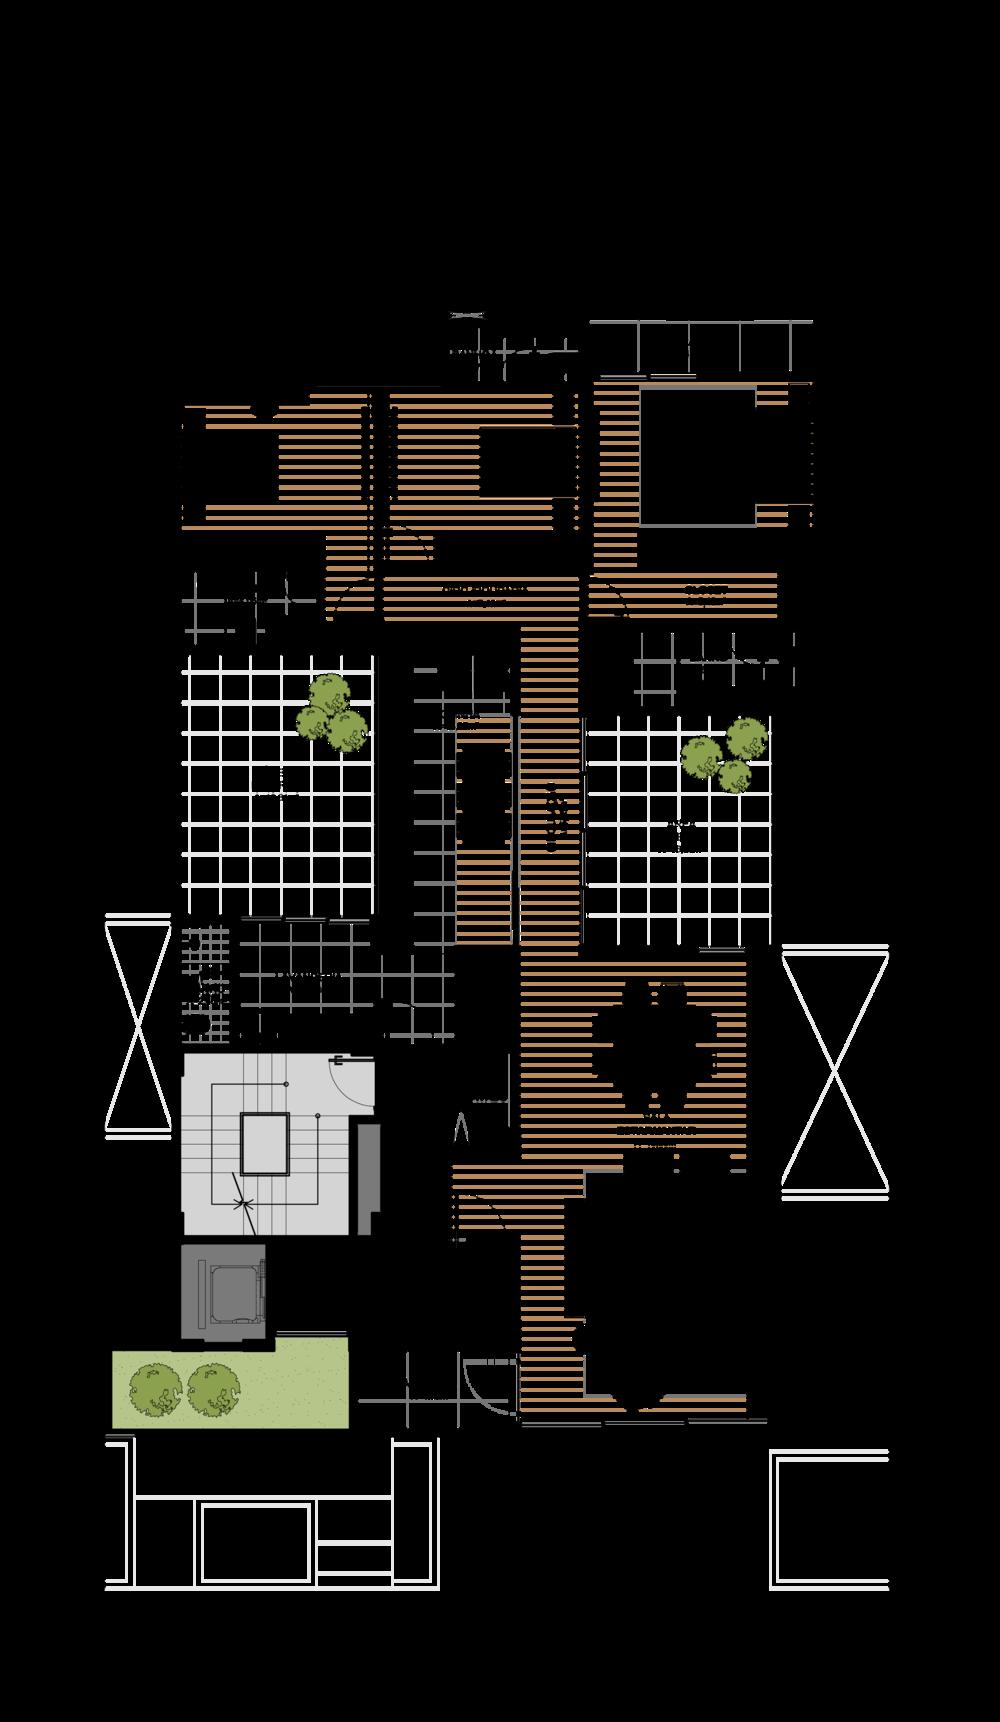 03 - F_Edificio FF_Planta 01.png